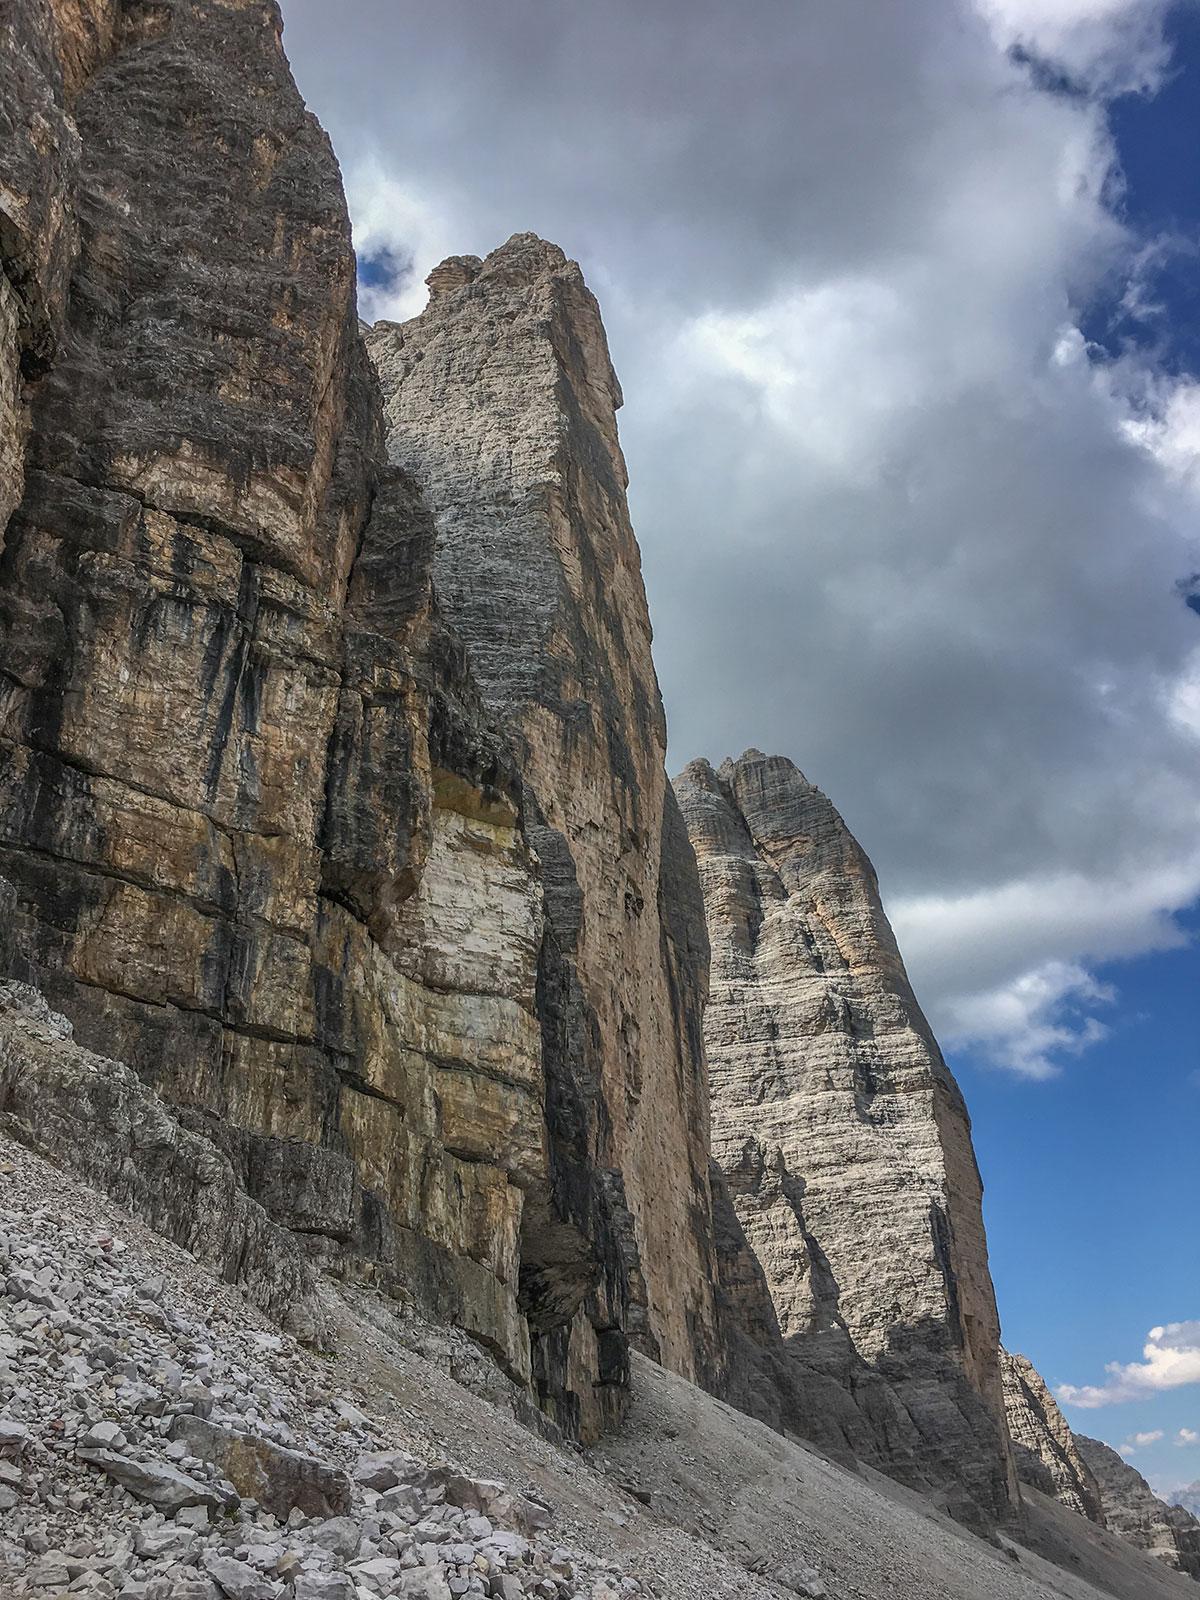 Grosse Zinne Nordwand, Foto Olivier Marggraf